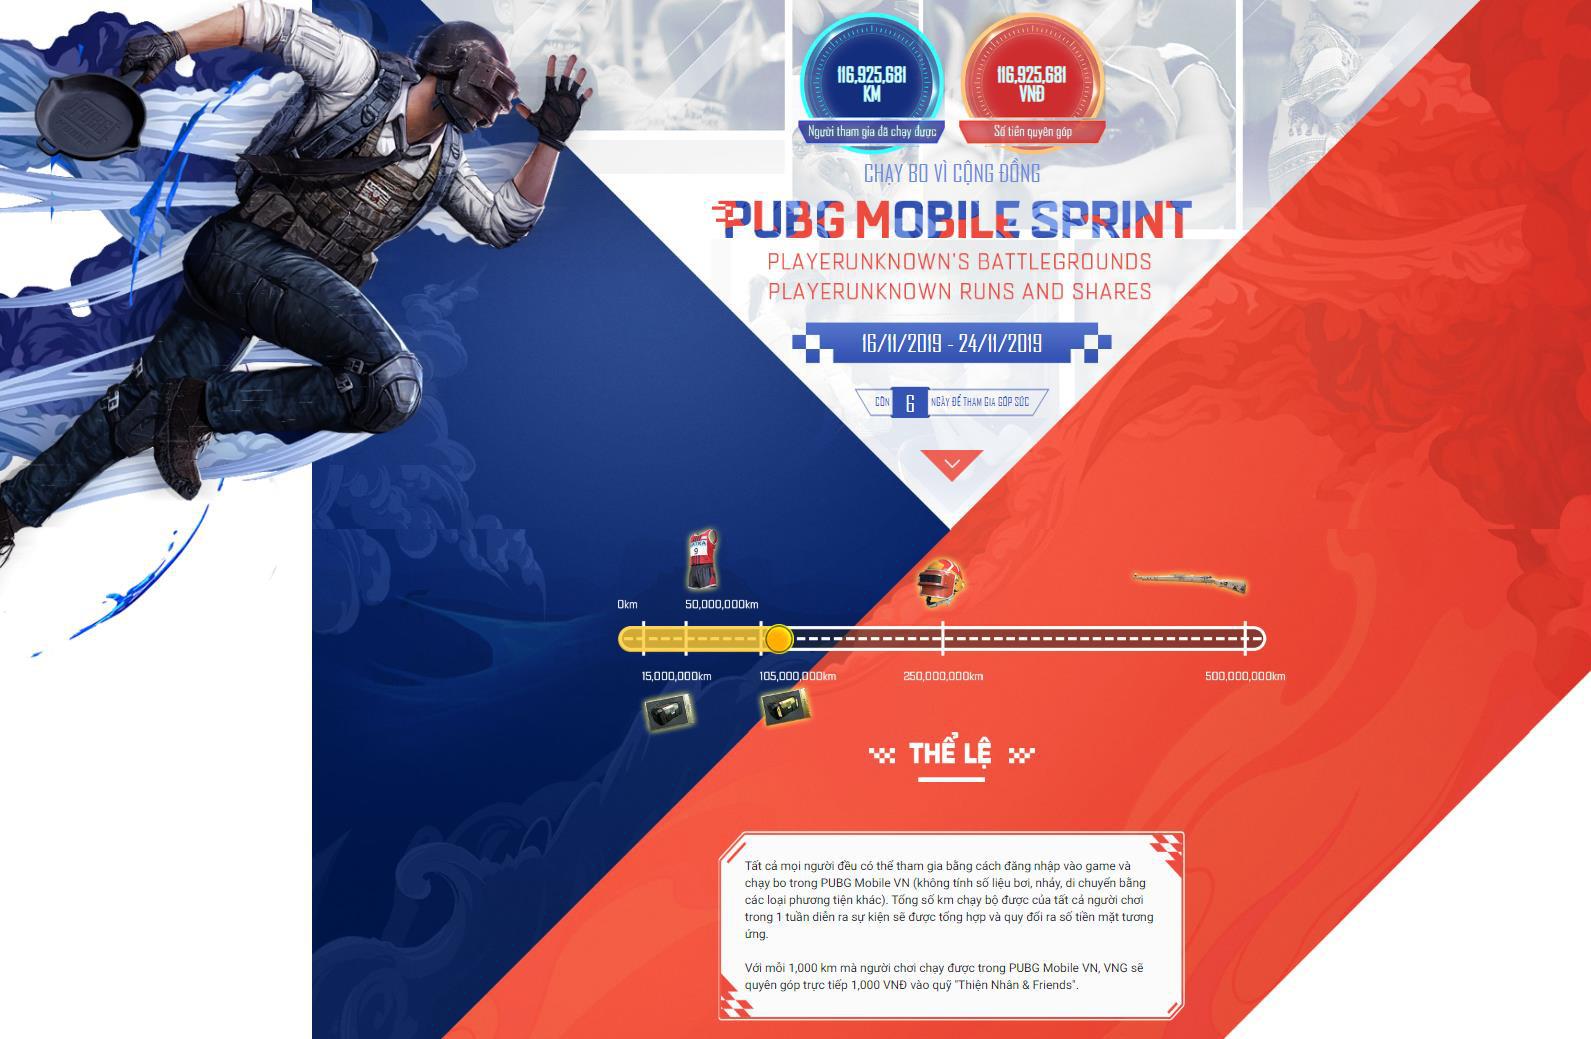 Hoàng Thùy Linh chính thức đồng hành cùng PUBG Mobile, chung tay thực hiện chiến dịch chạy bo vì cộng đồng - Ảnh 3.